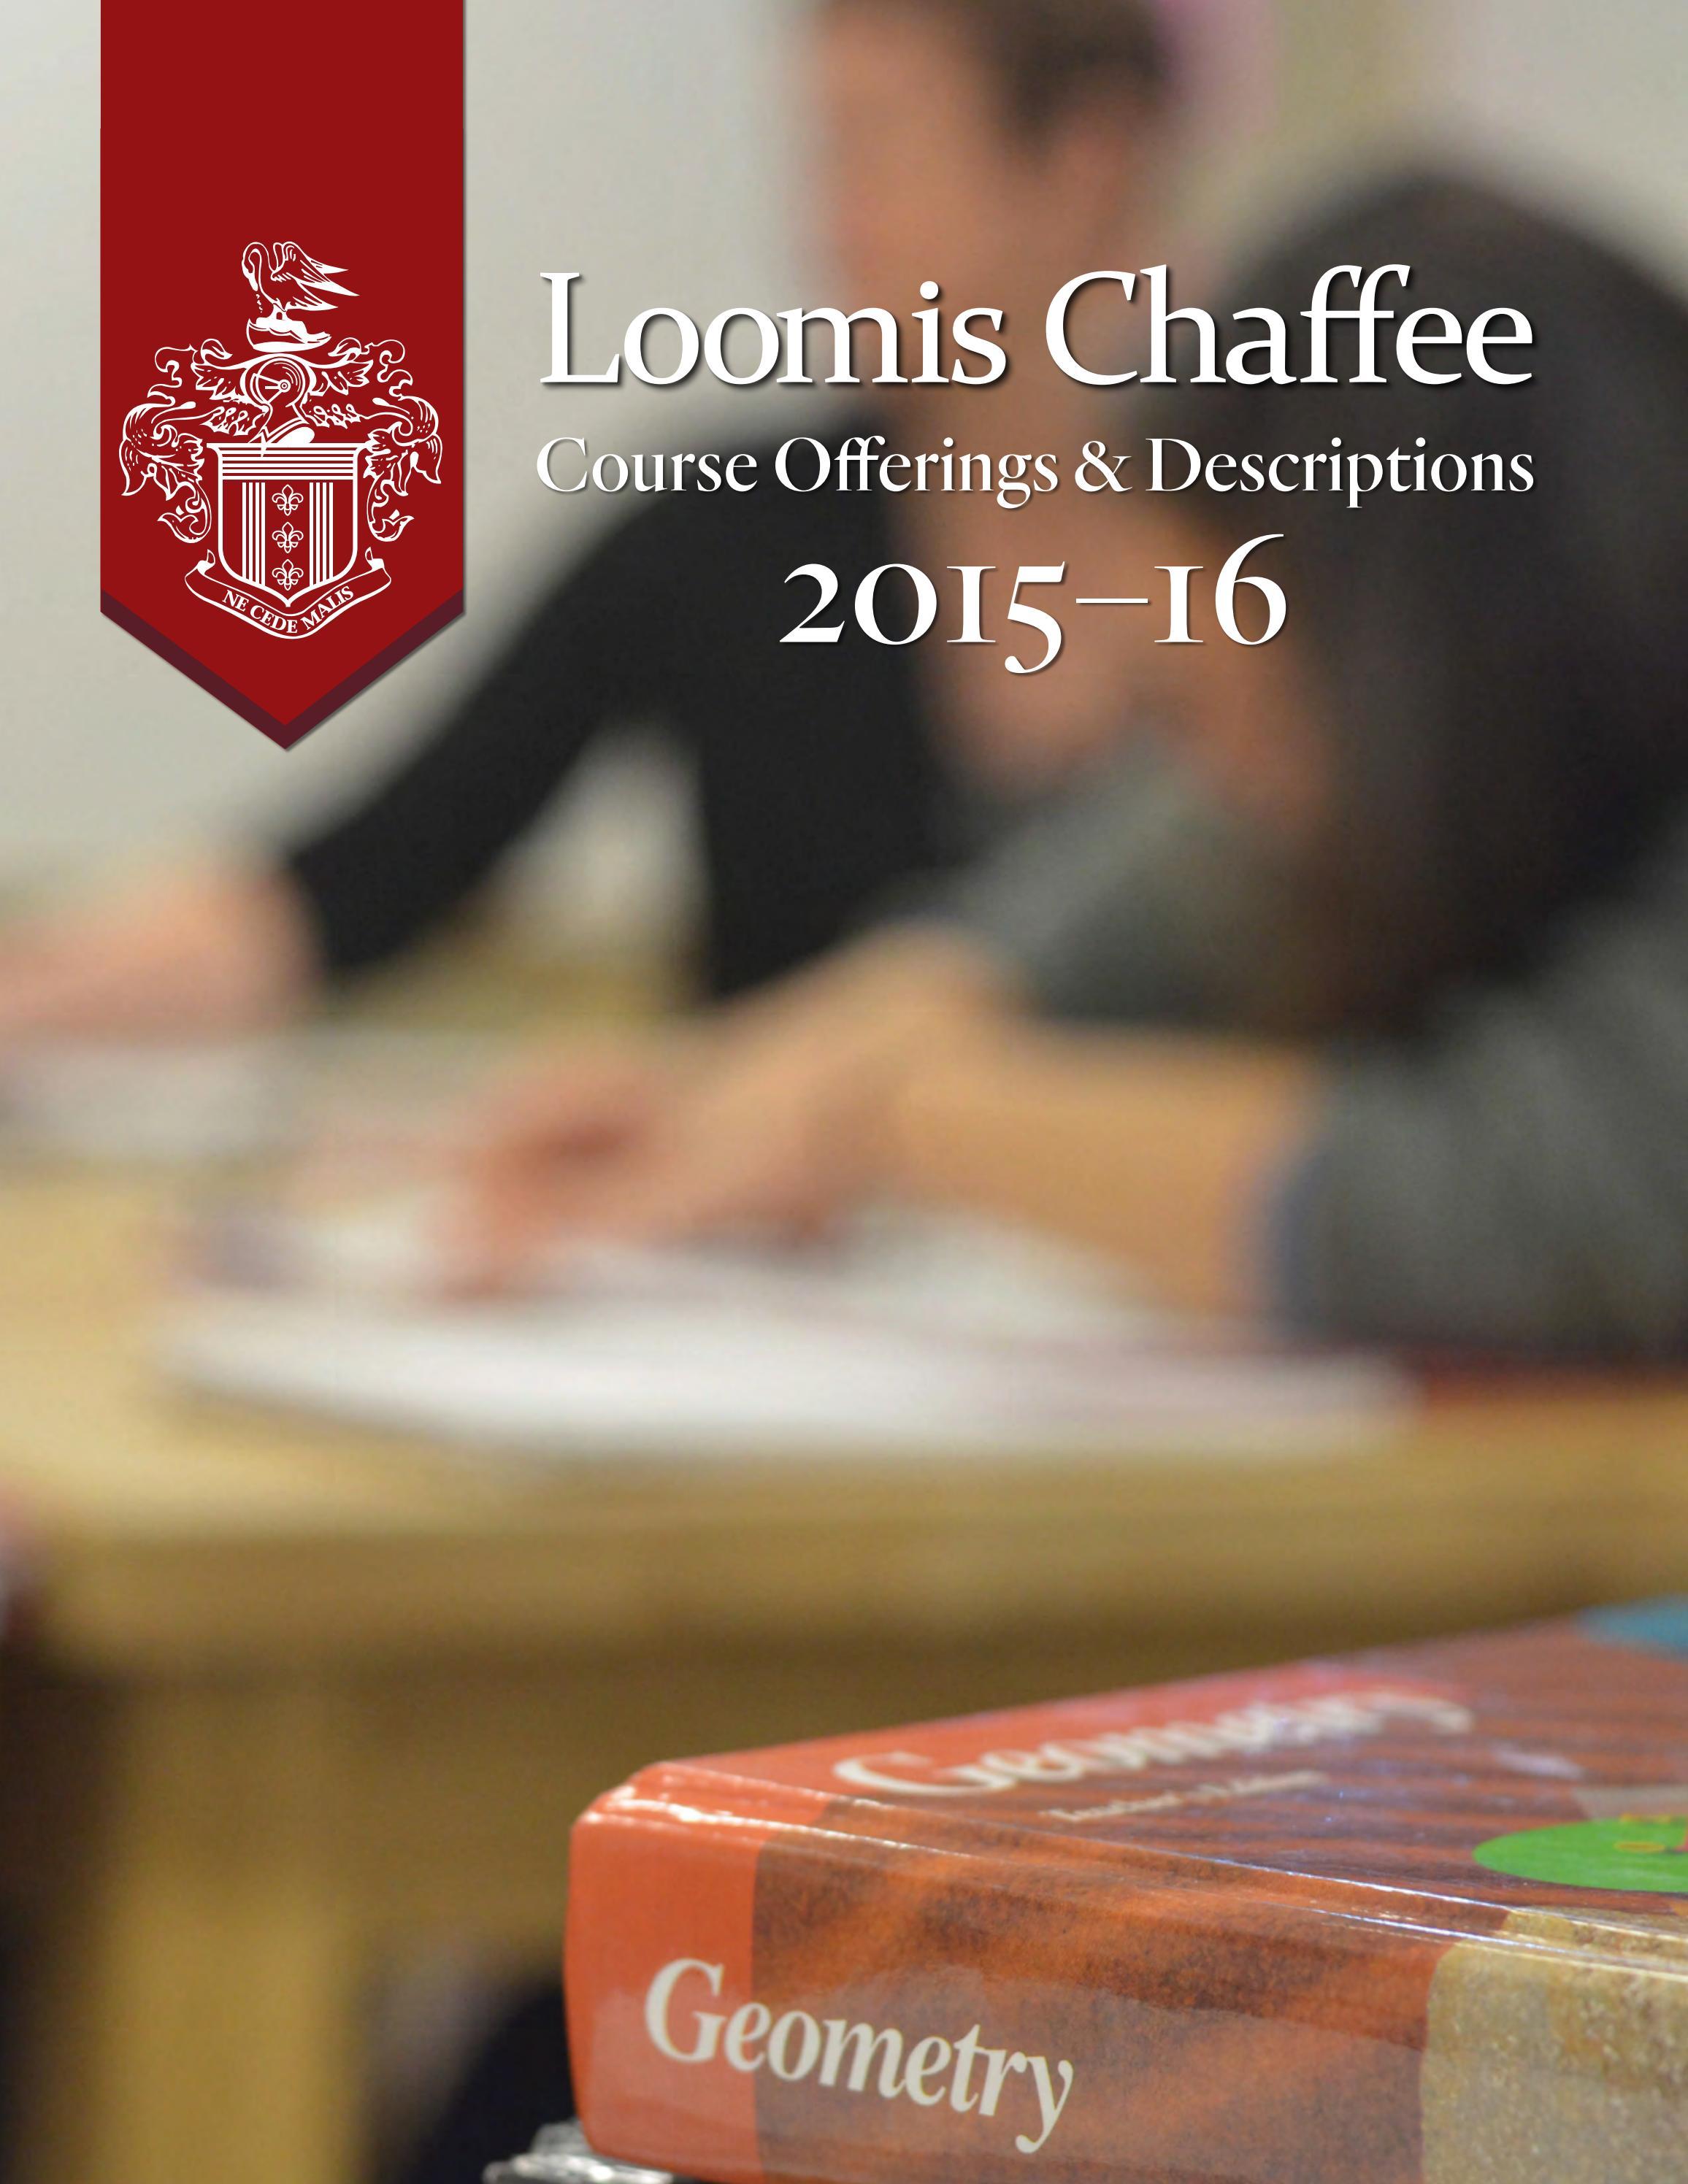 Course Offerings & Descriptions 2015-16